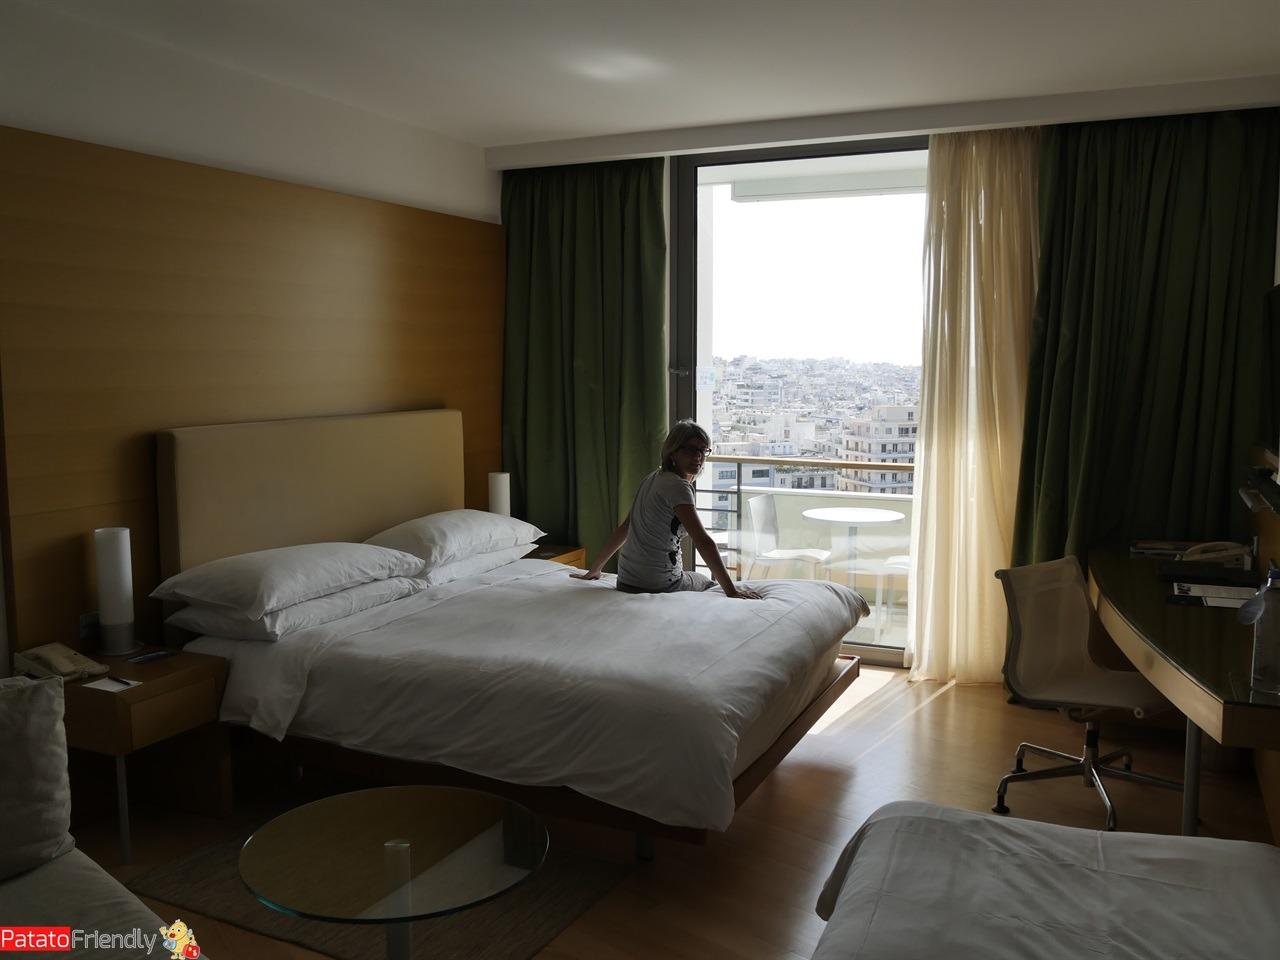 Dove dormire a Atene - L'Hotel Hilton Honor - La nostra camera spaziosa al 10° piano con vista sull'Aropoli